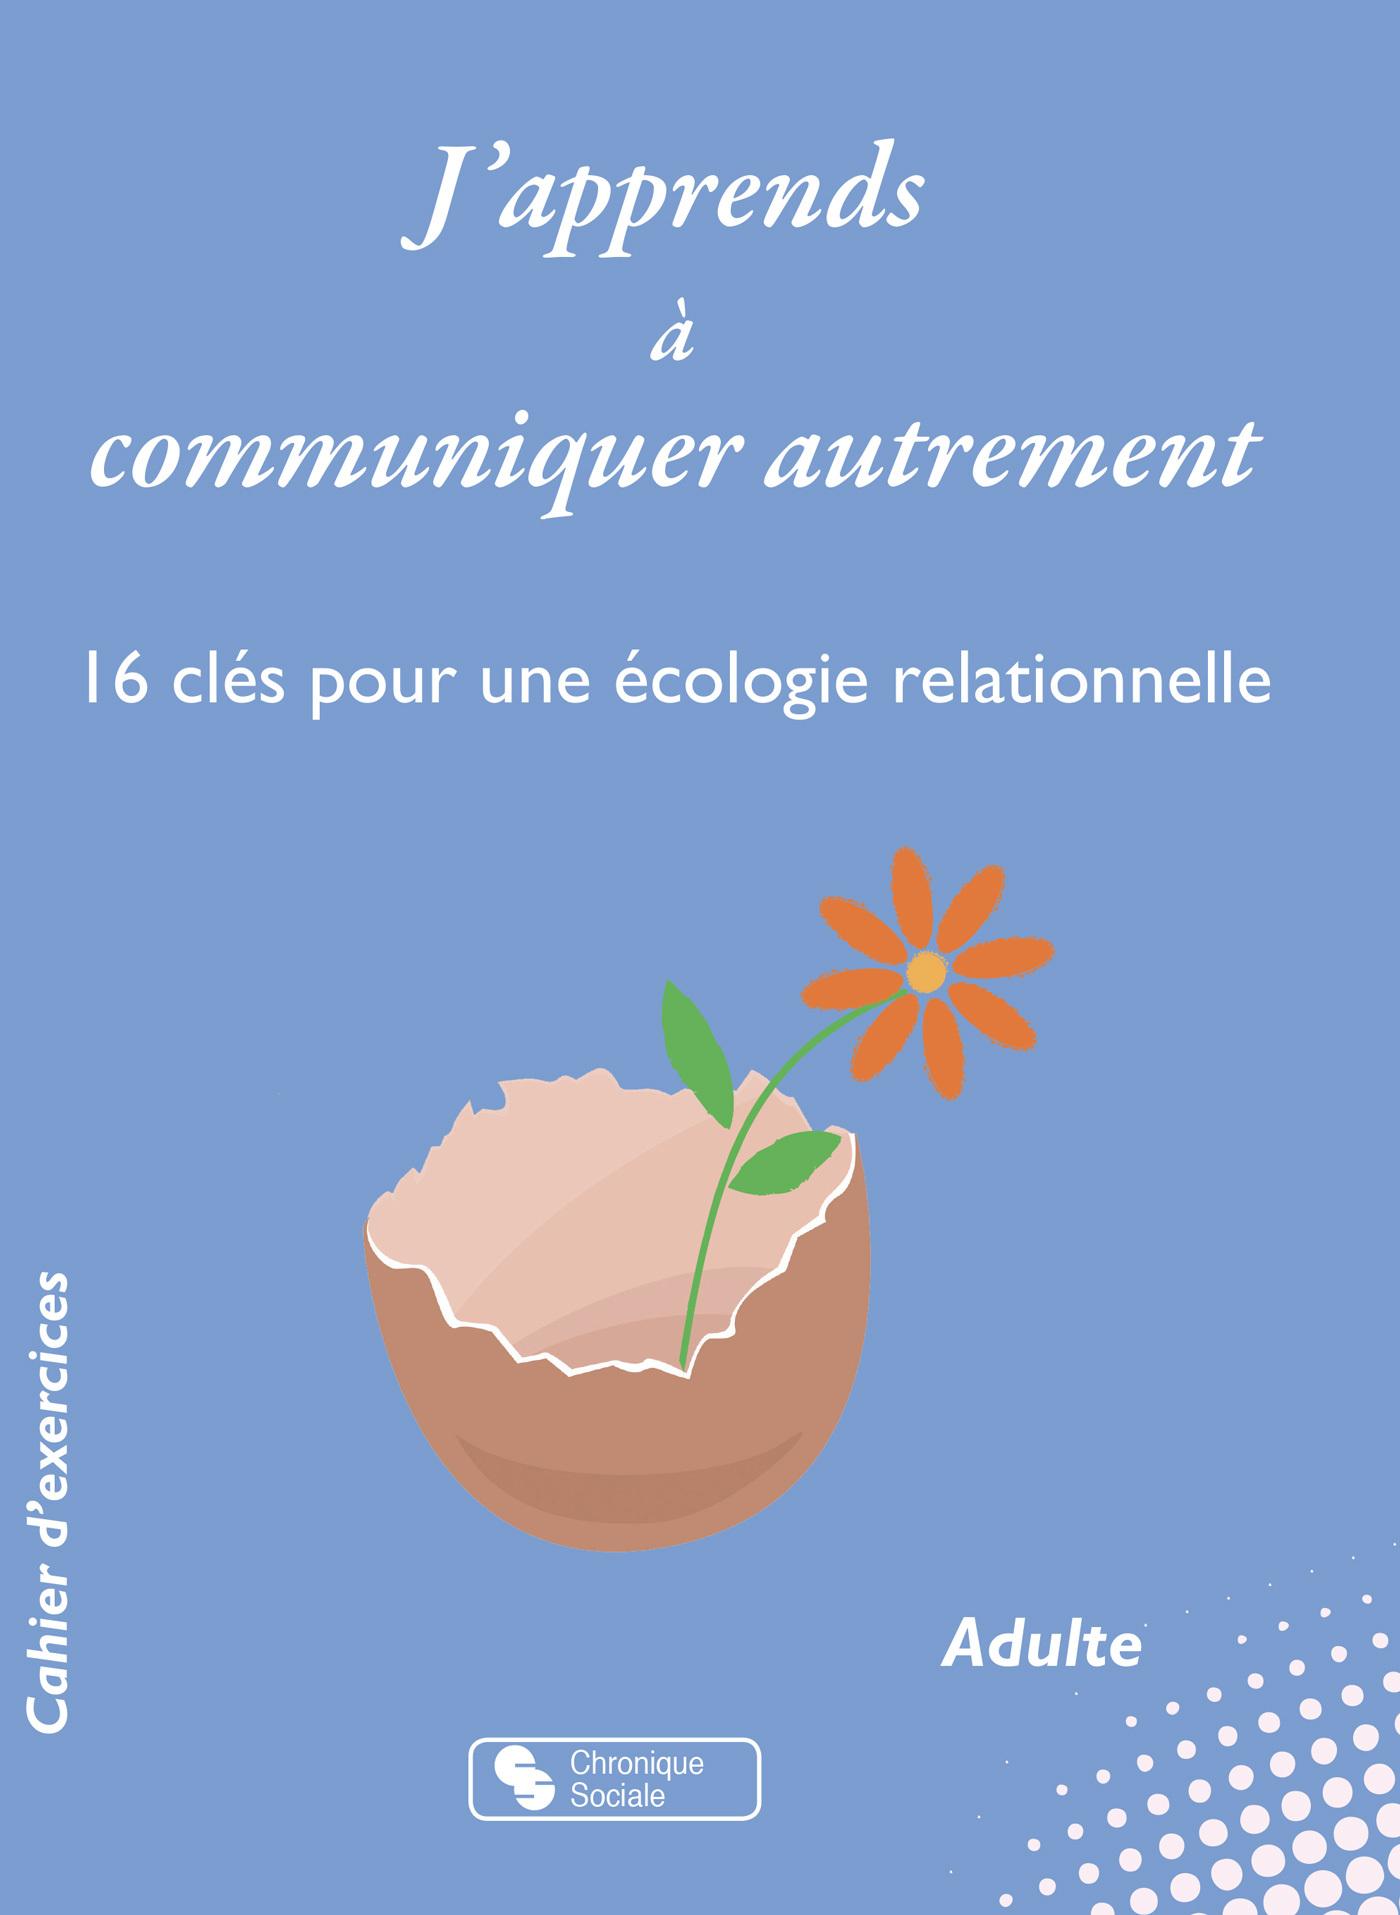 J'APPRENDS A COMMUNIQUER AUTREMENT - 16 CLES POUR UNE ECOLOGIE RELATIONNELLE